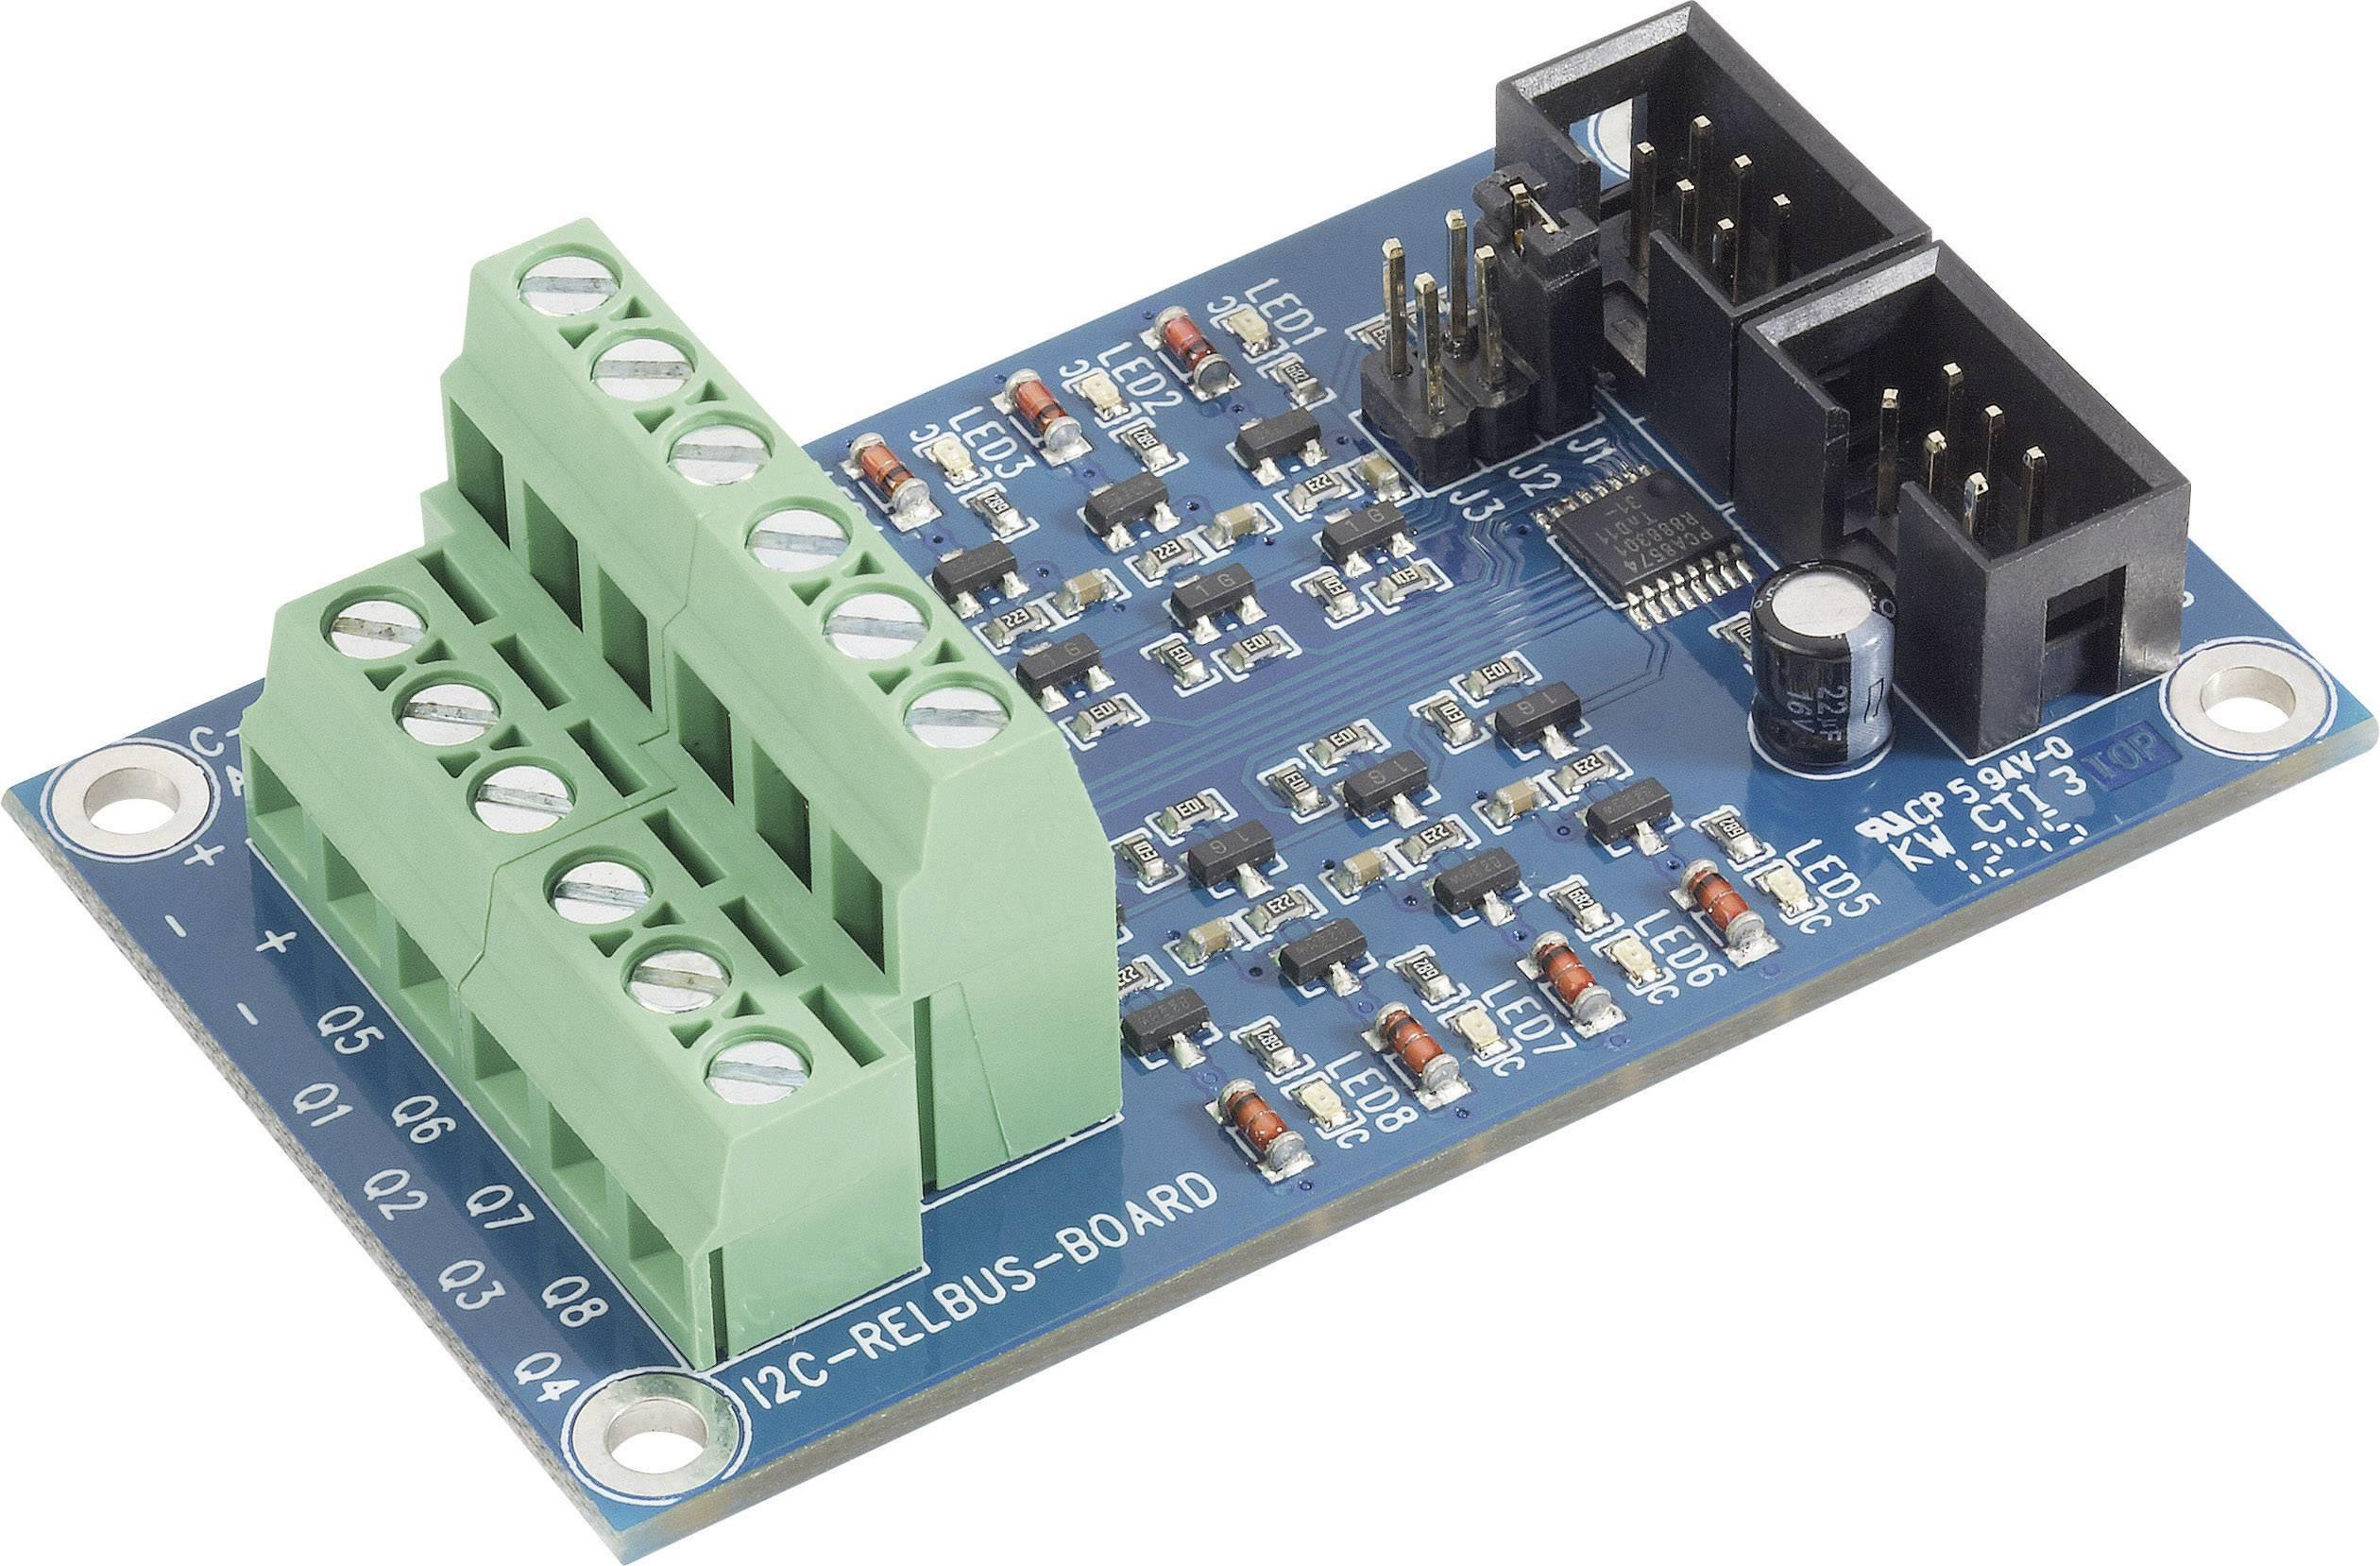 Zbernicový a reléový modul C-Control PRO AVR 32-Bit, 12 V / DC